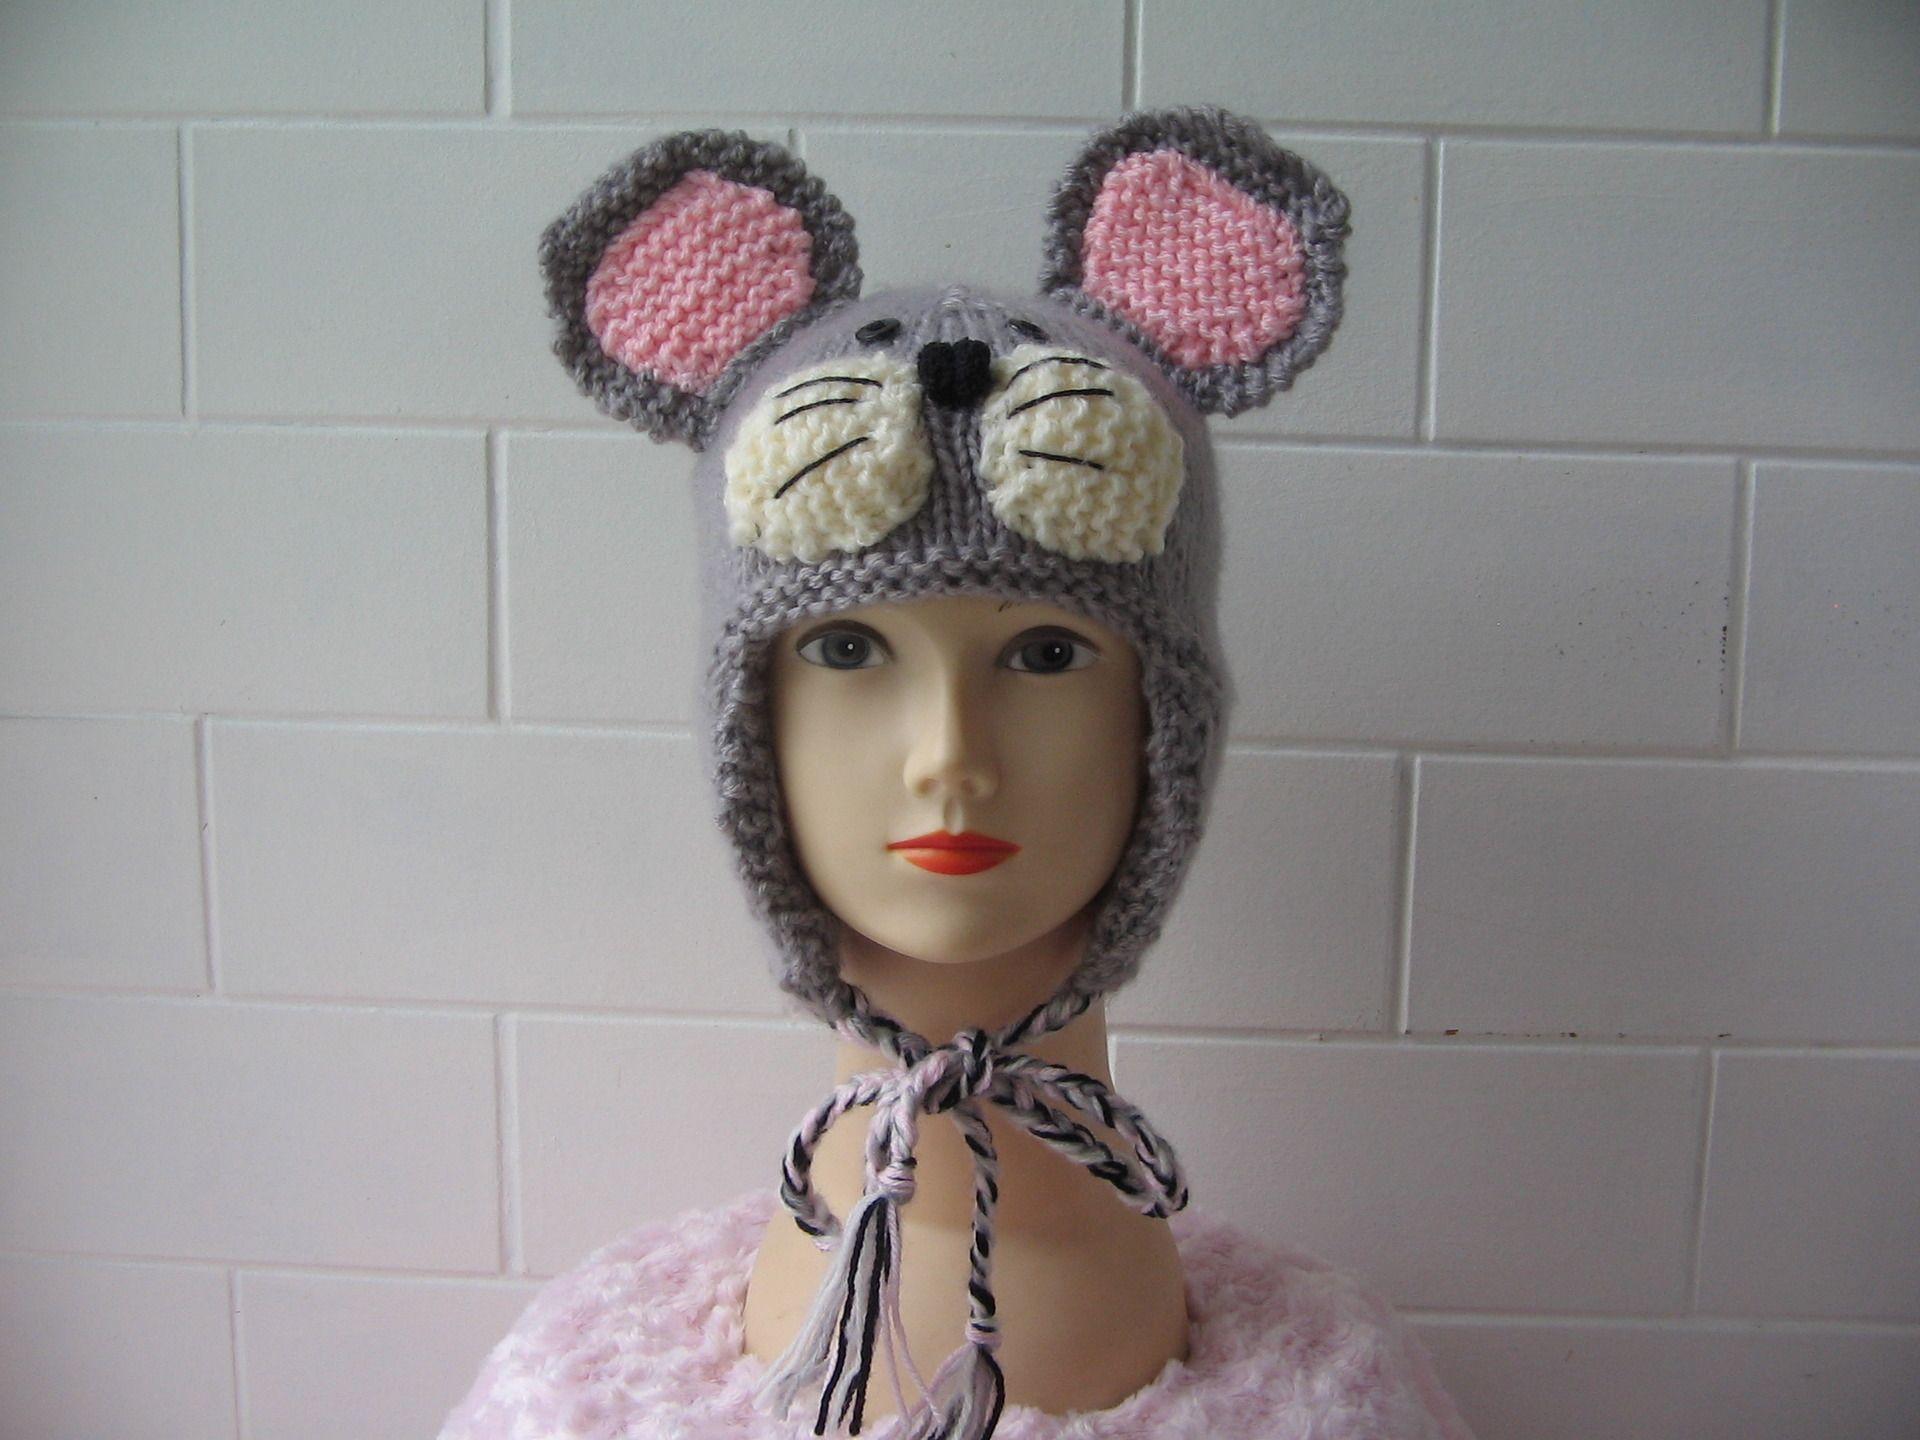 bonnet bébé souris tricoté en laine grise avec oreilles souris moustaches  blanches faite main  Mode